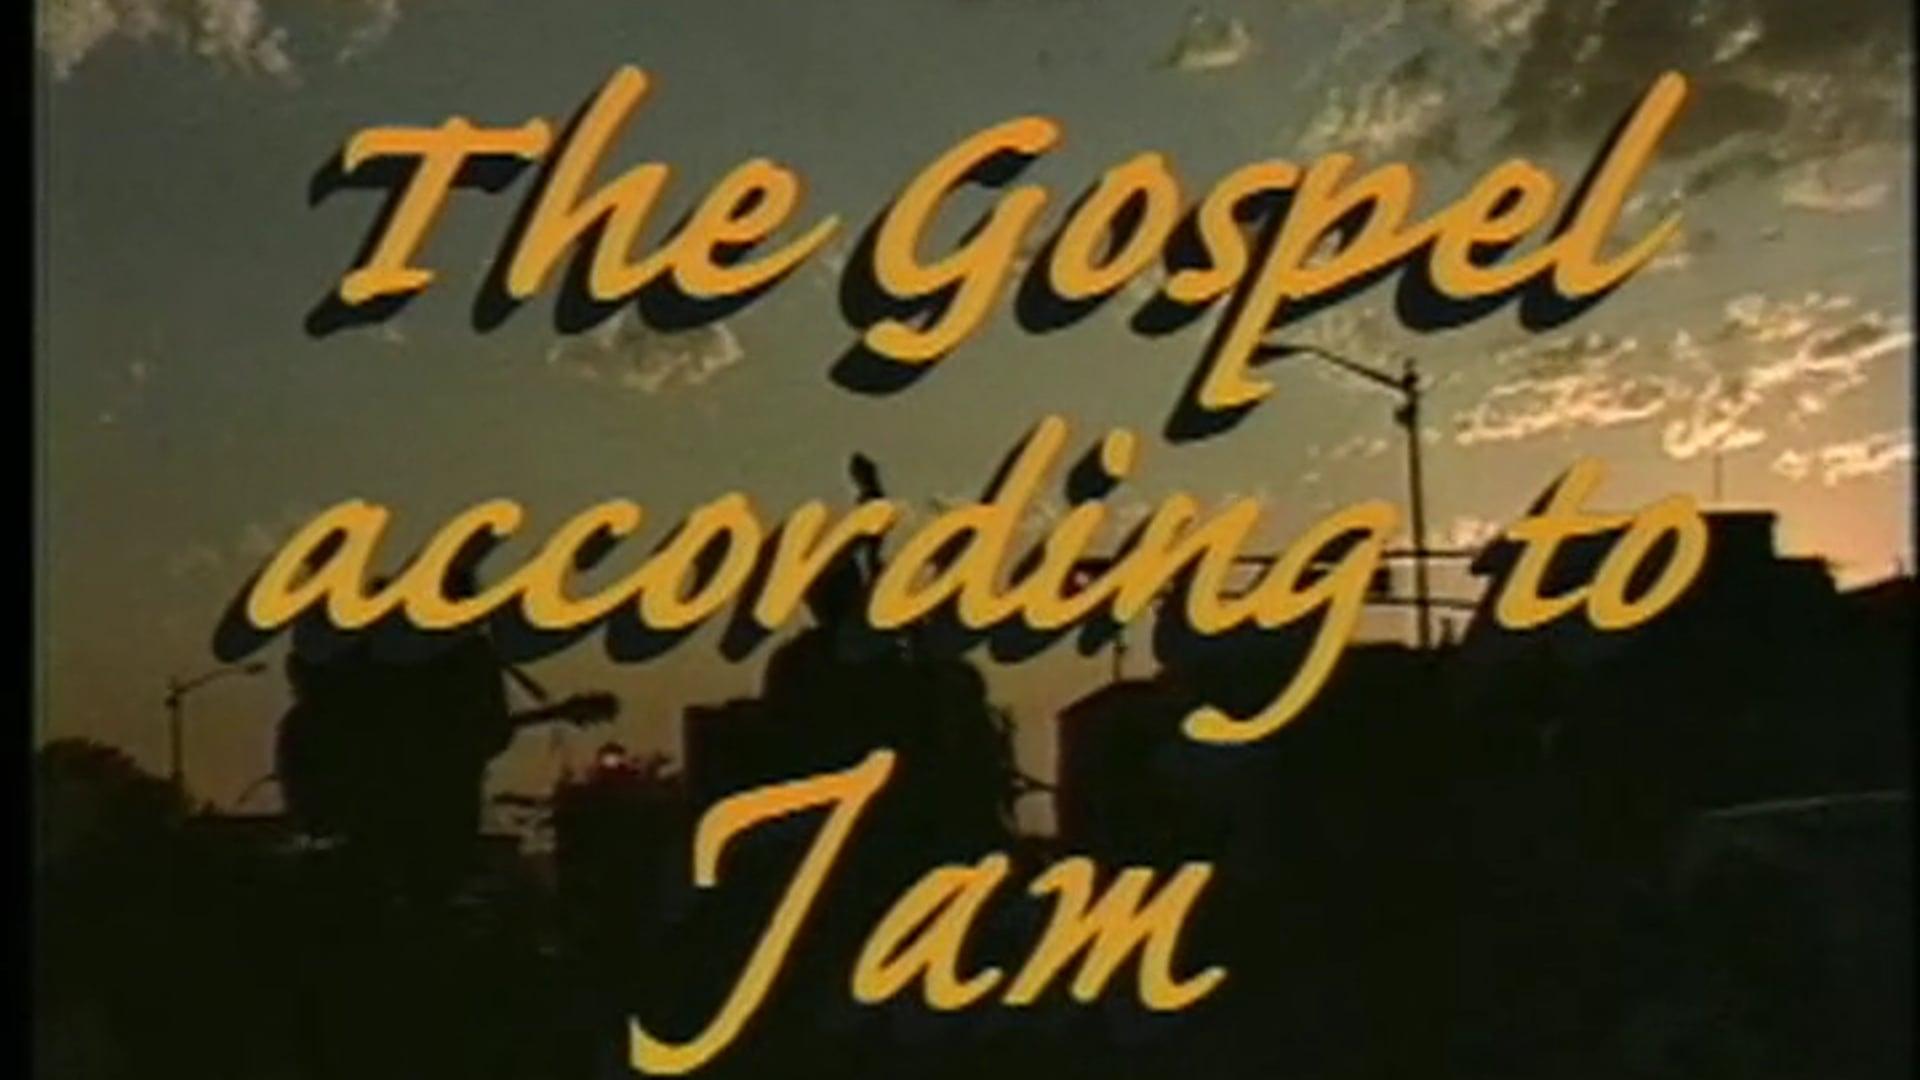 The Gospel According to Jam